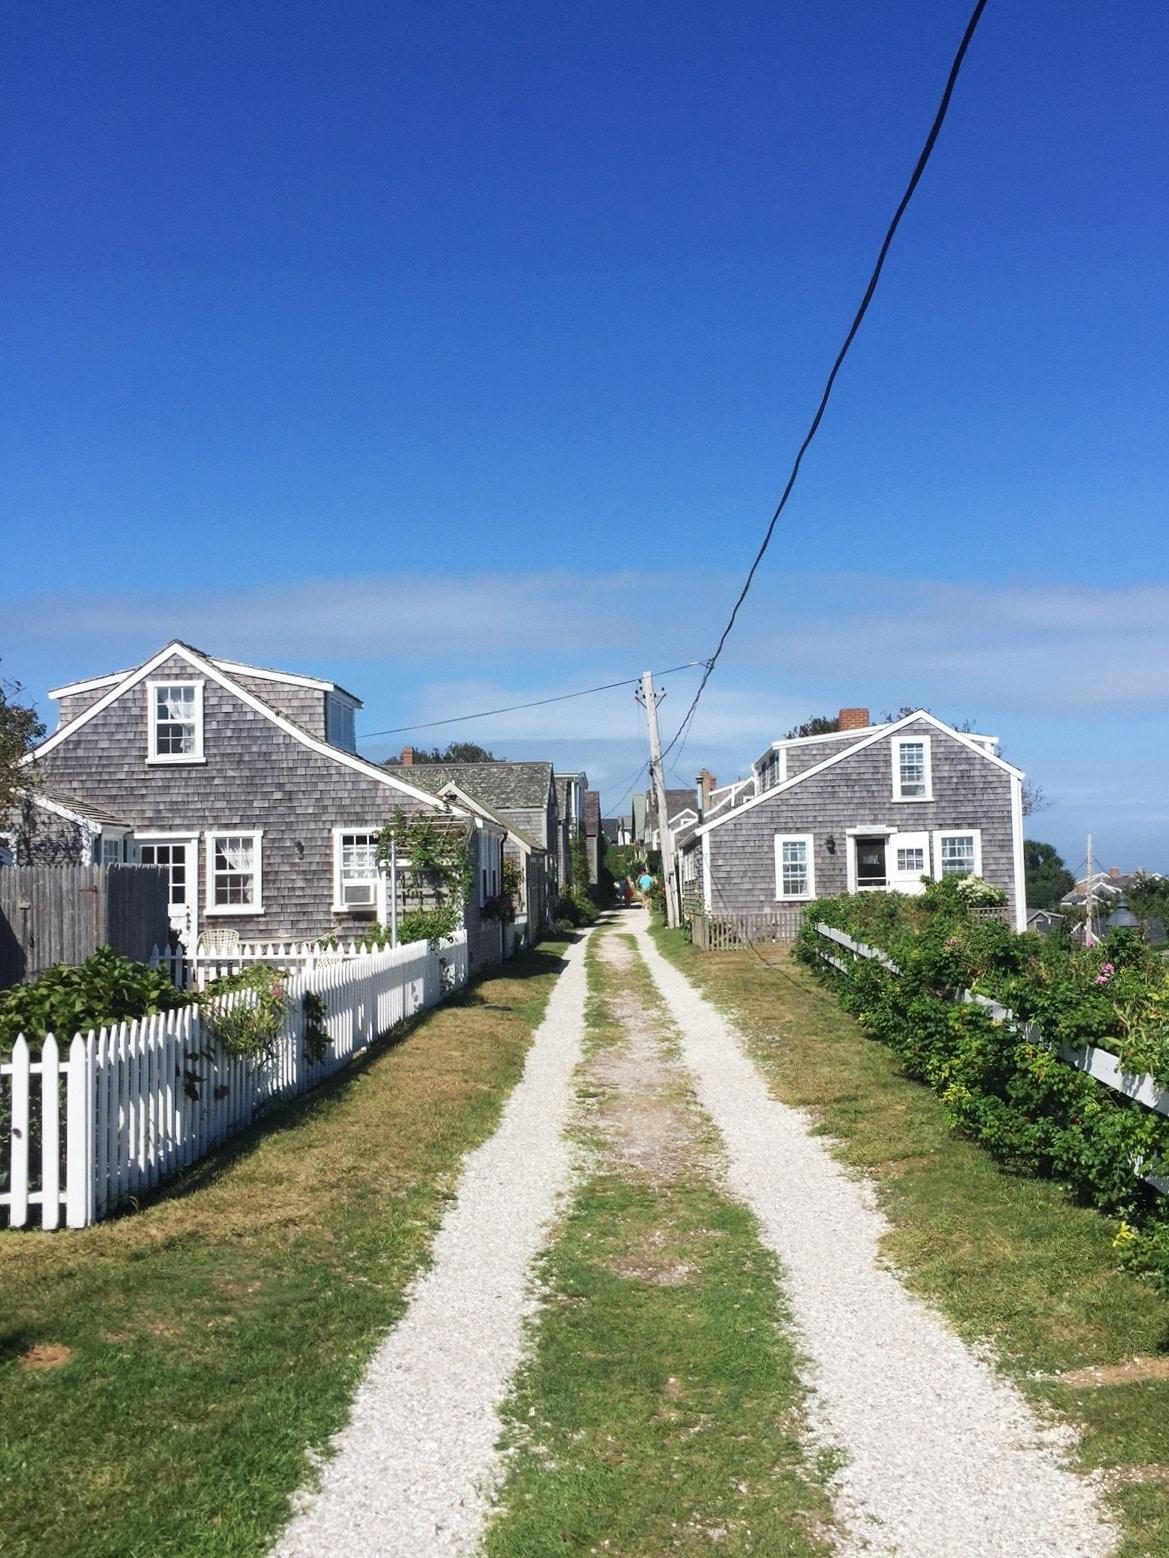 Sconset Bluff Walk on Nantucket